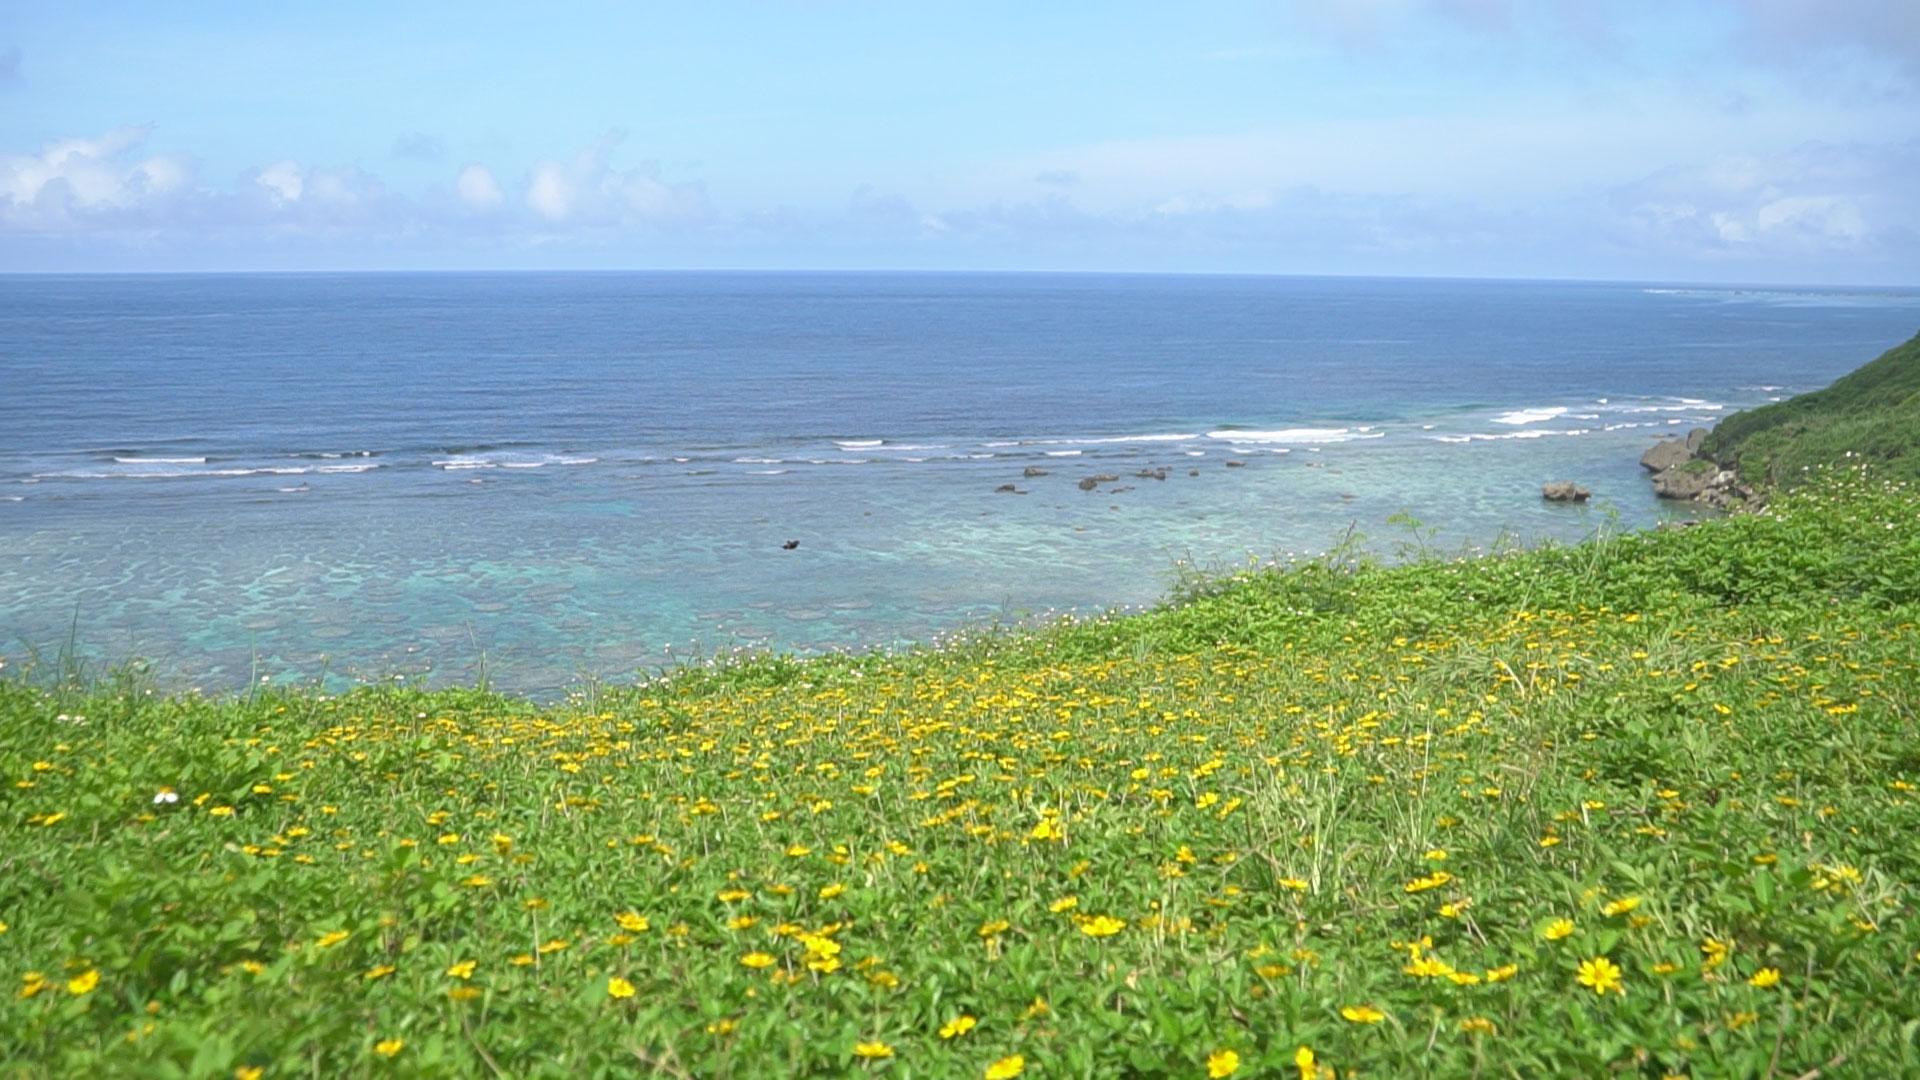 第2回エコの島コンテスト開催決定